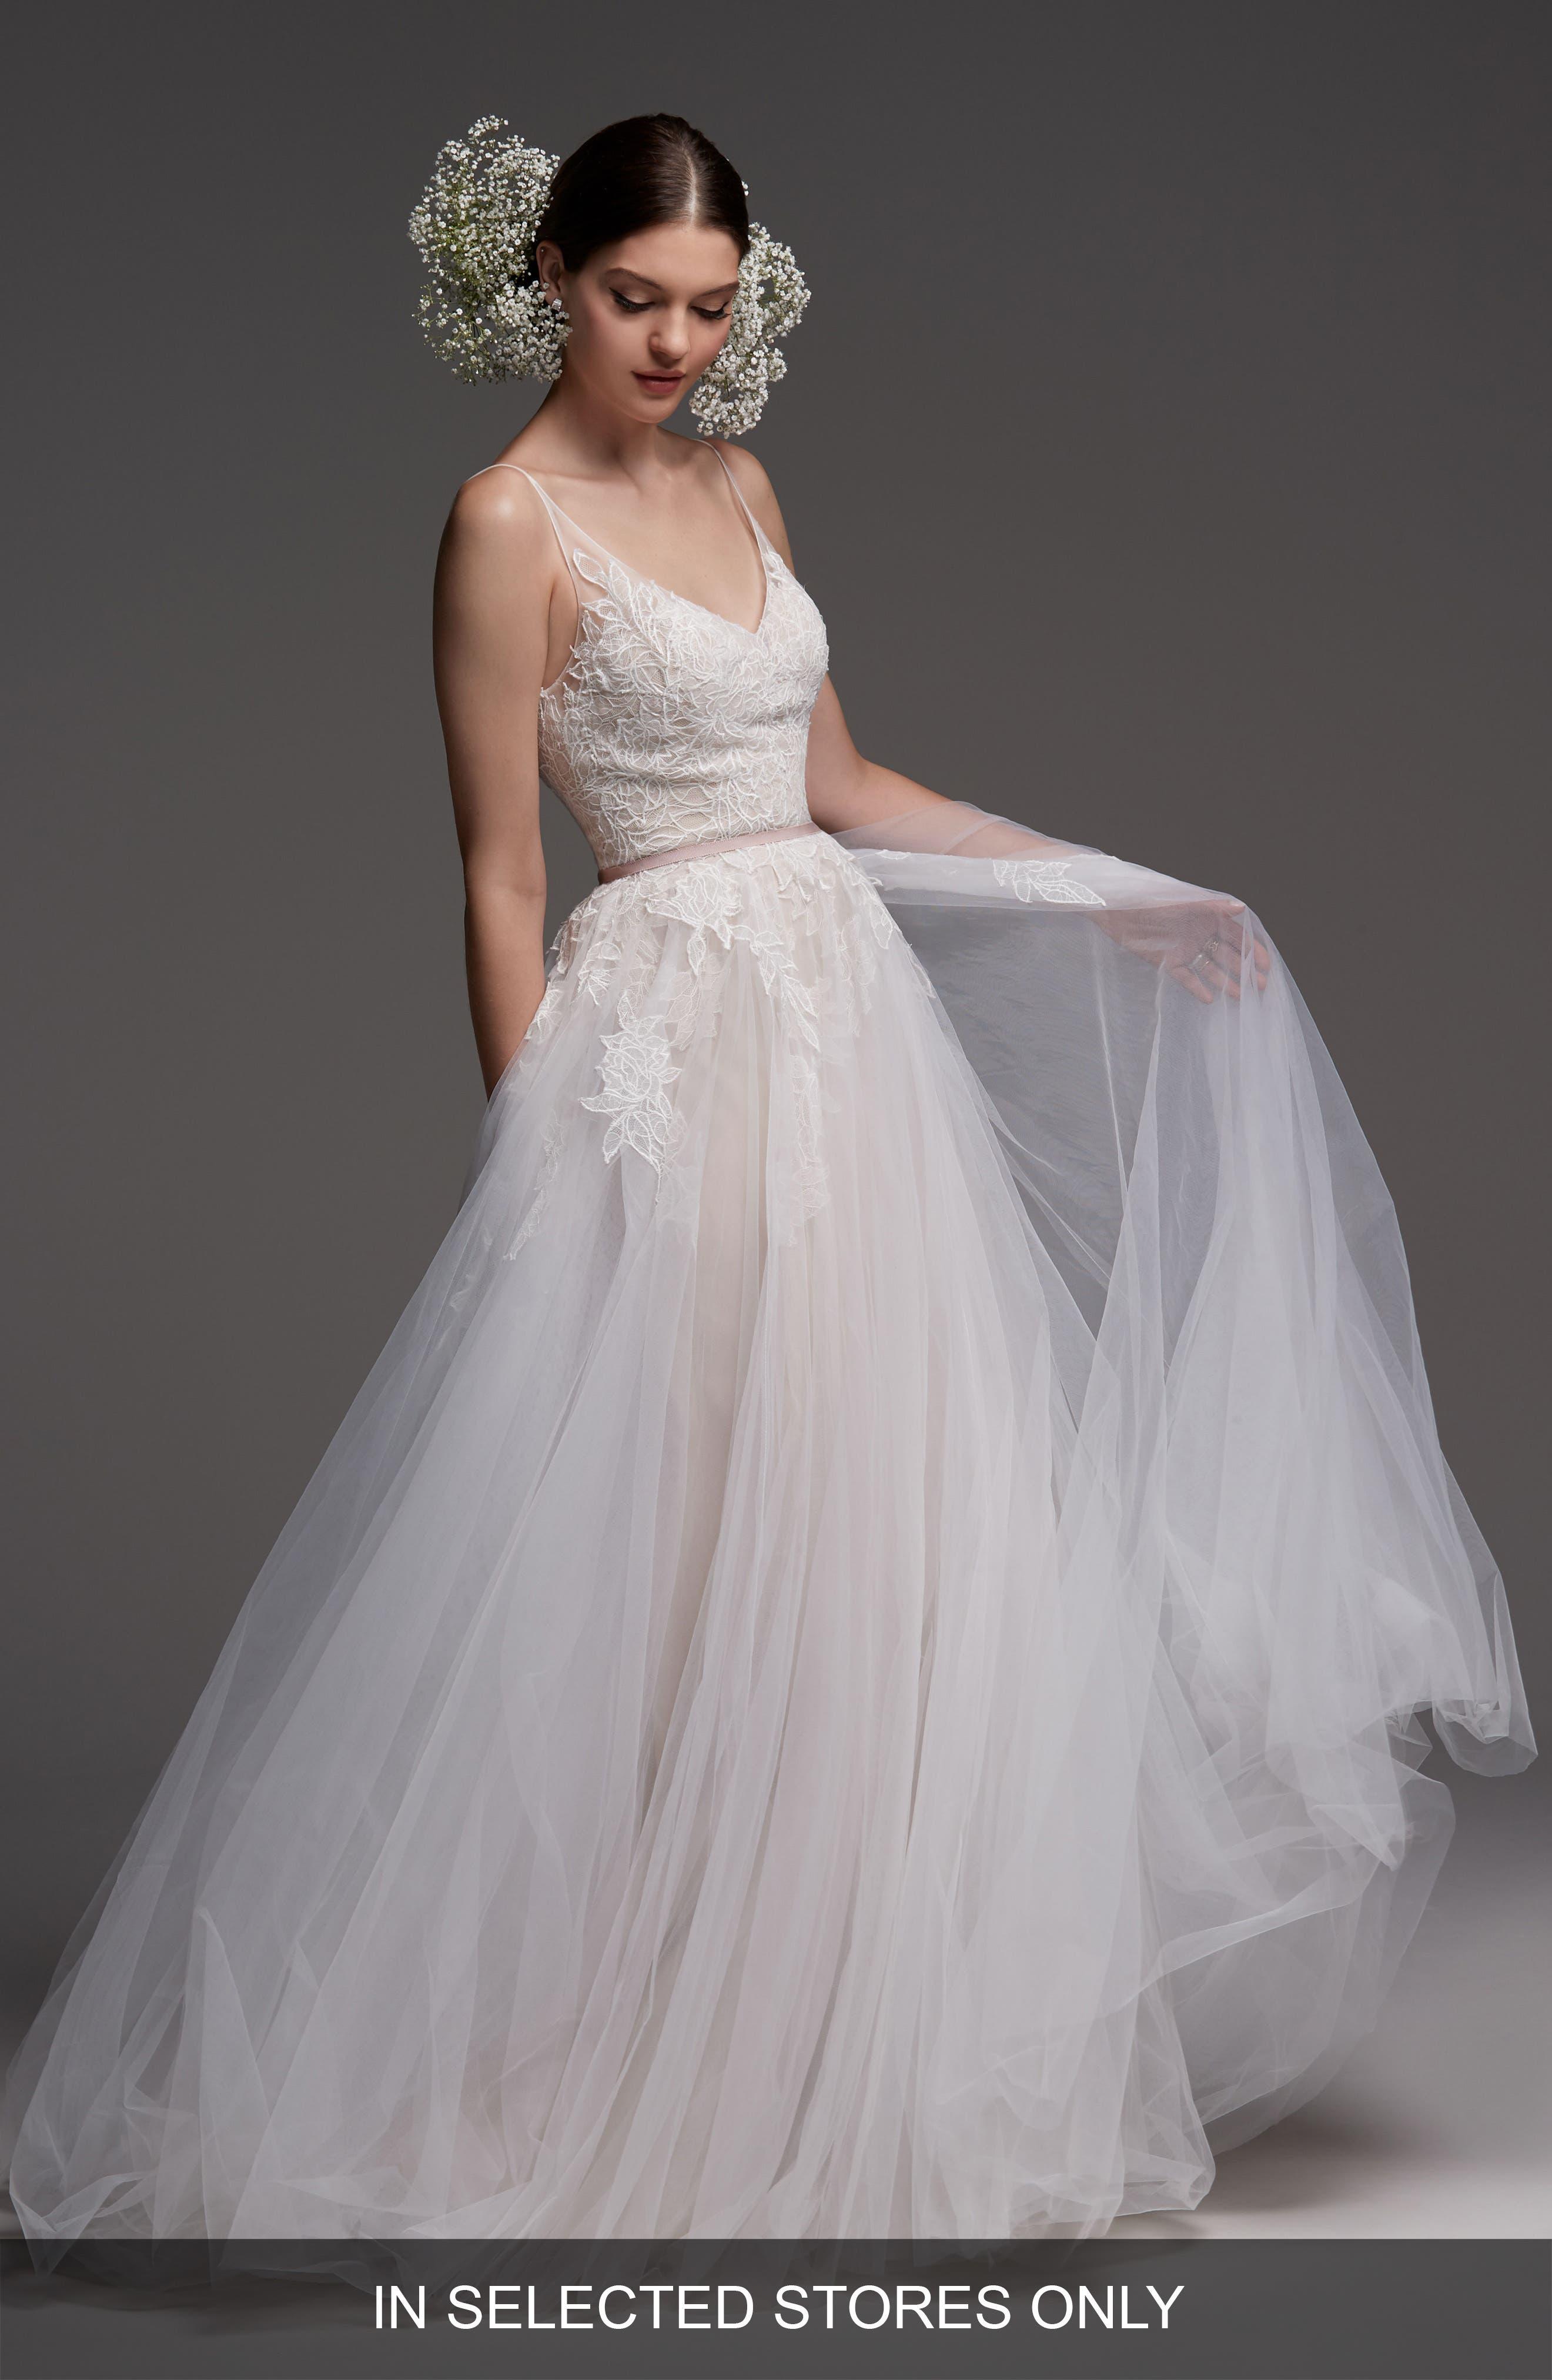 Avignon Lace & Tulle A-Line Gown,                             Main thumbnail 1, color,                             IVORY/ BLUSH/ ROSE QUARTZ